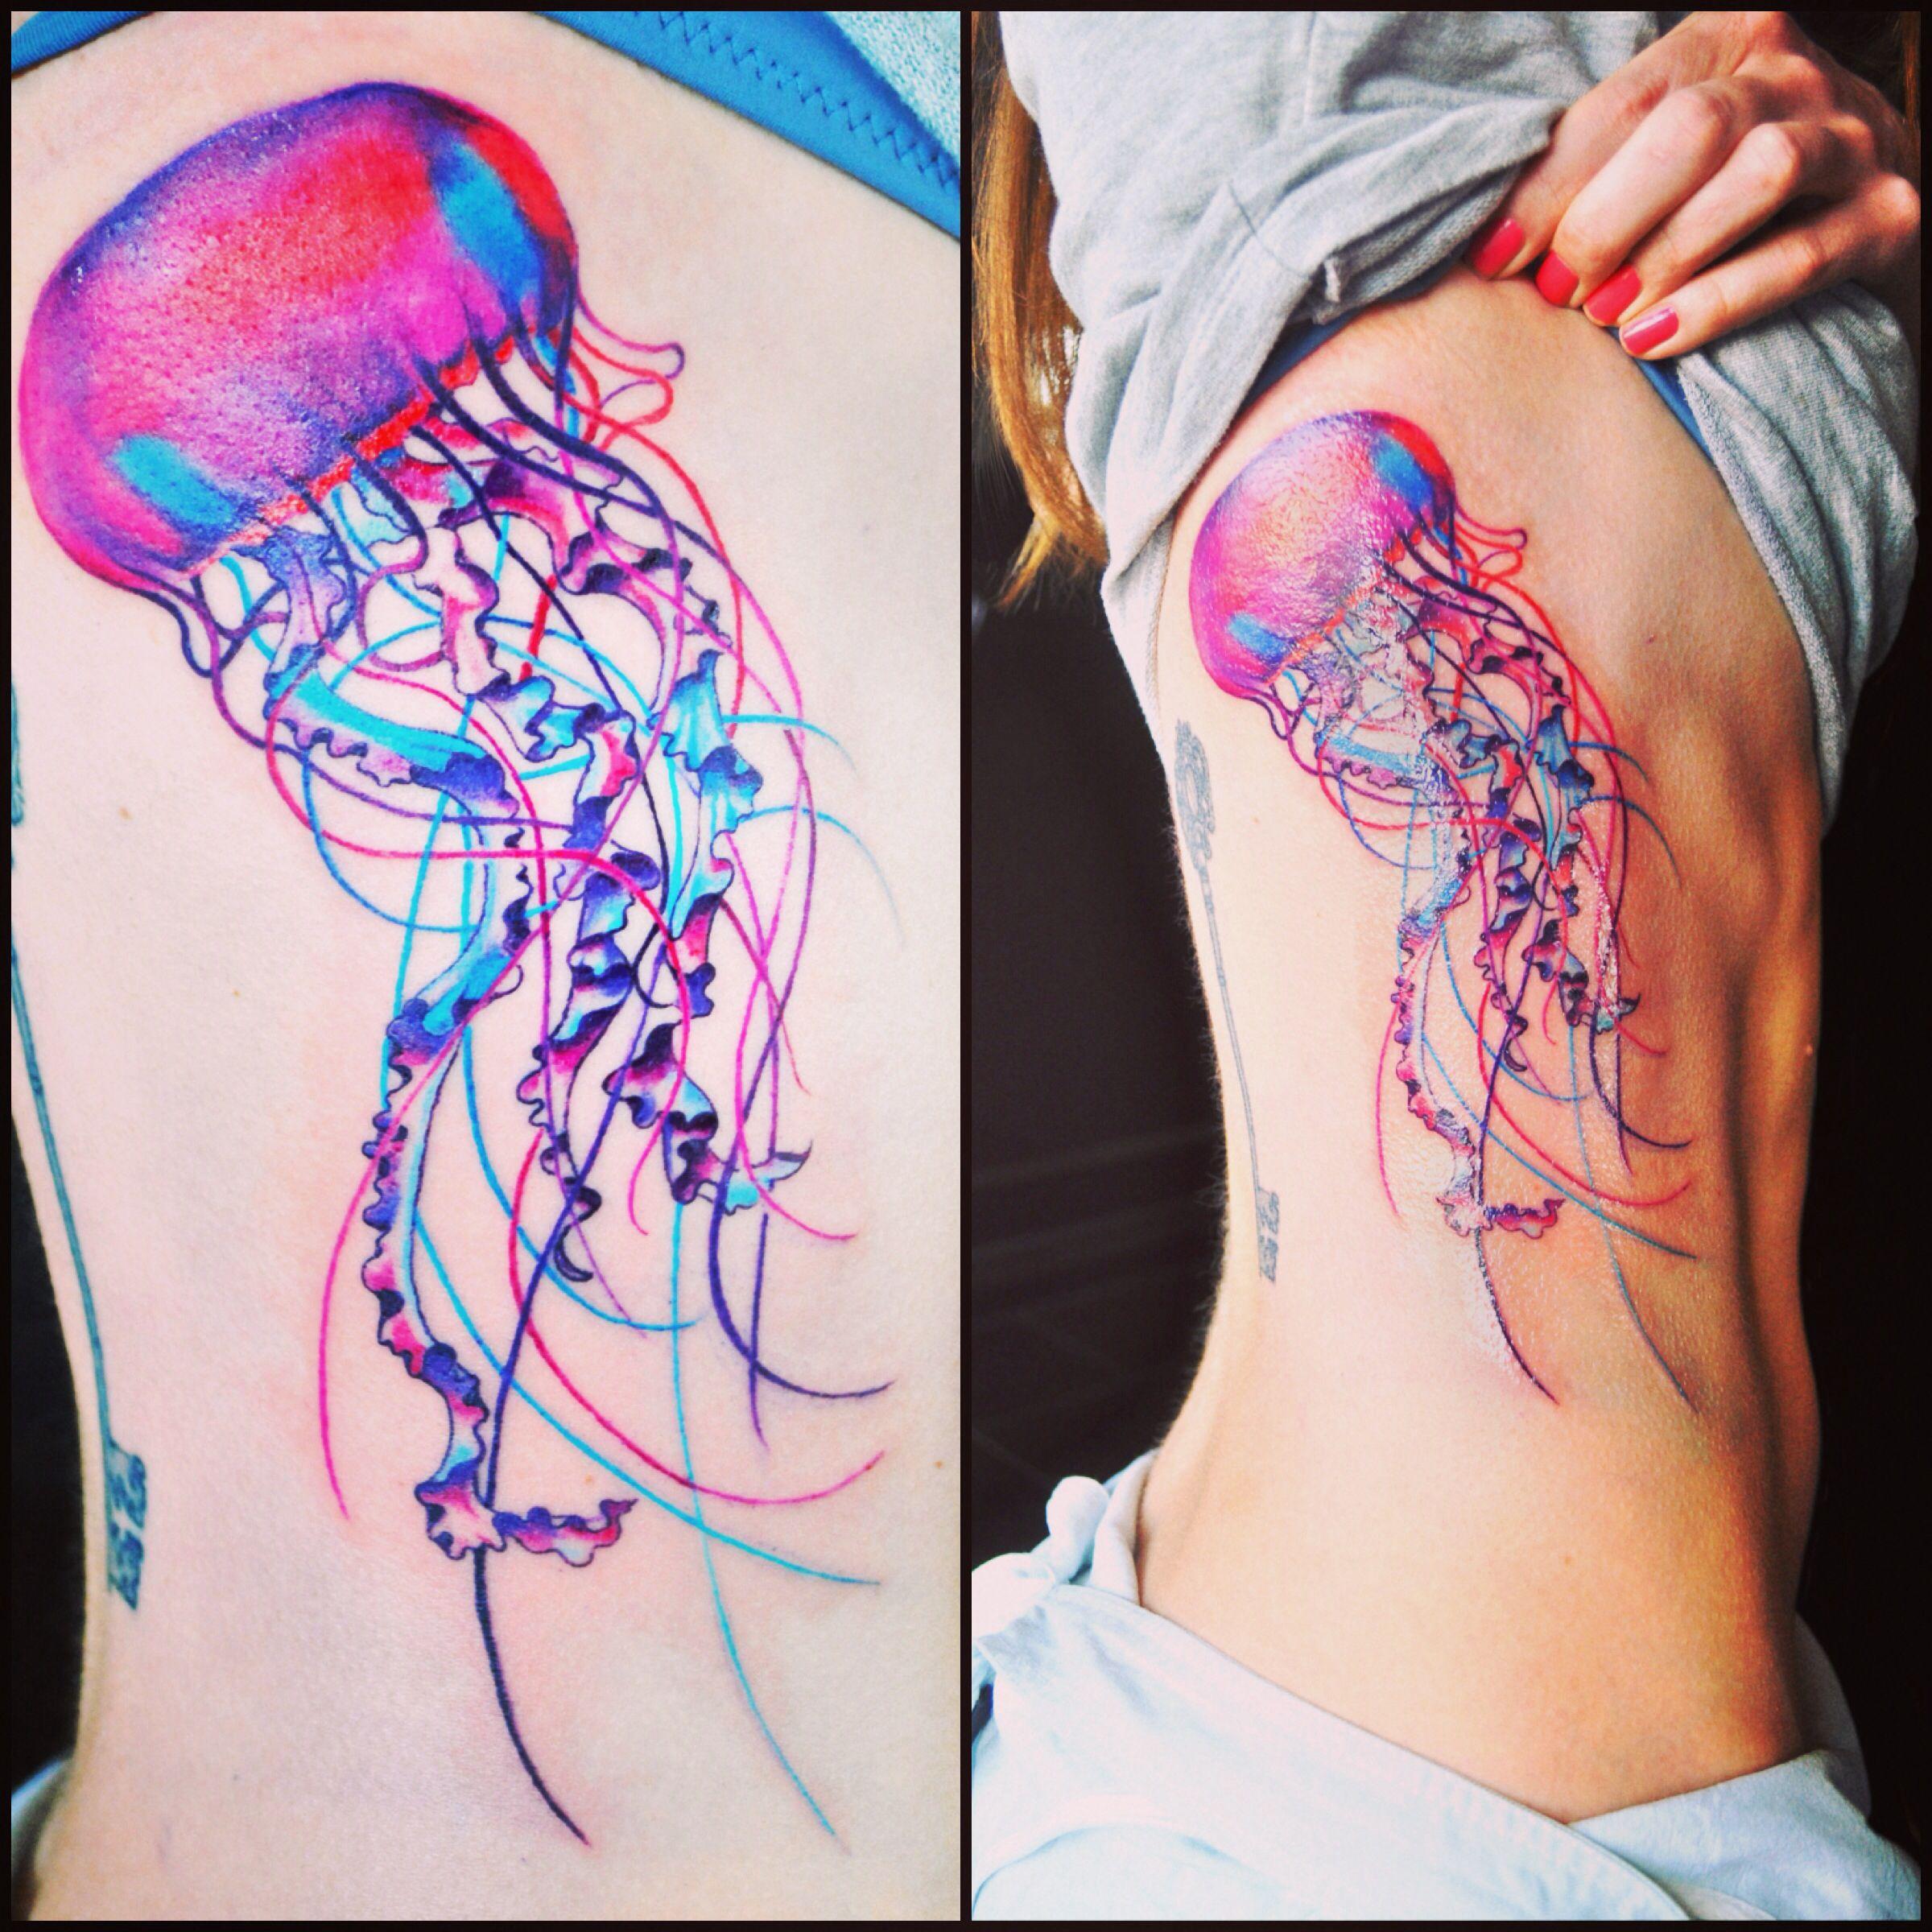 Tatuagens Feitas Com Tecnica De Aquarela Sexy Tattoos Tattoos